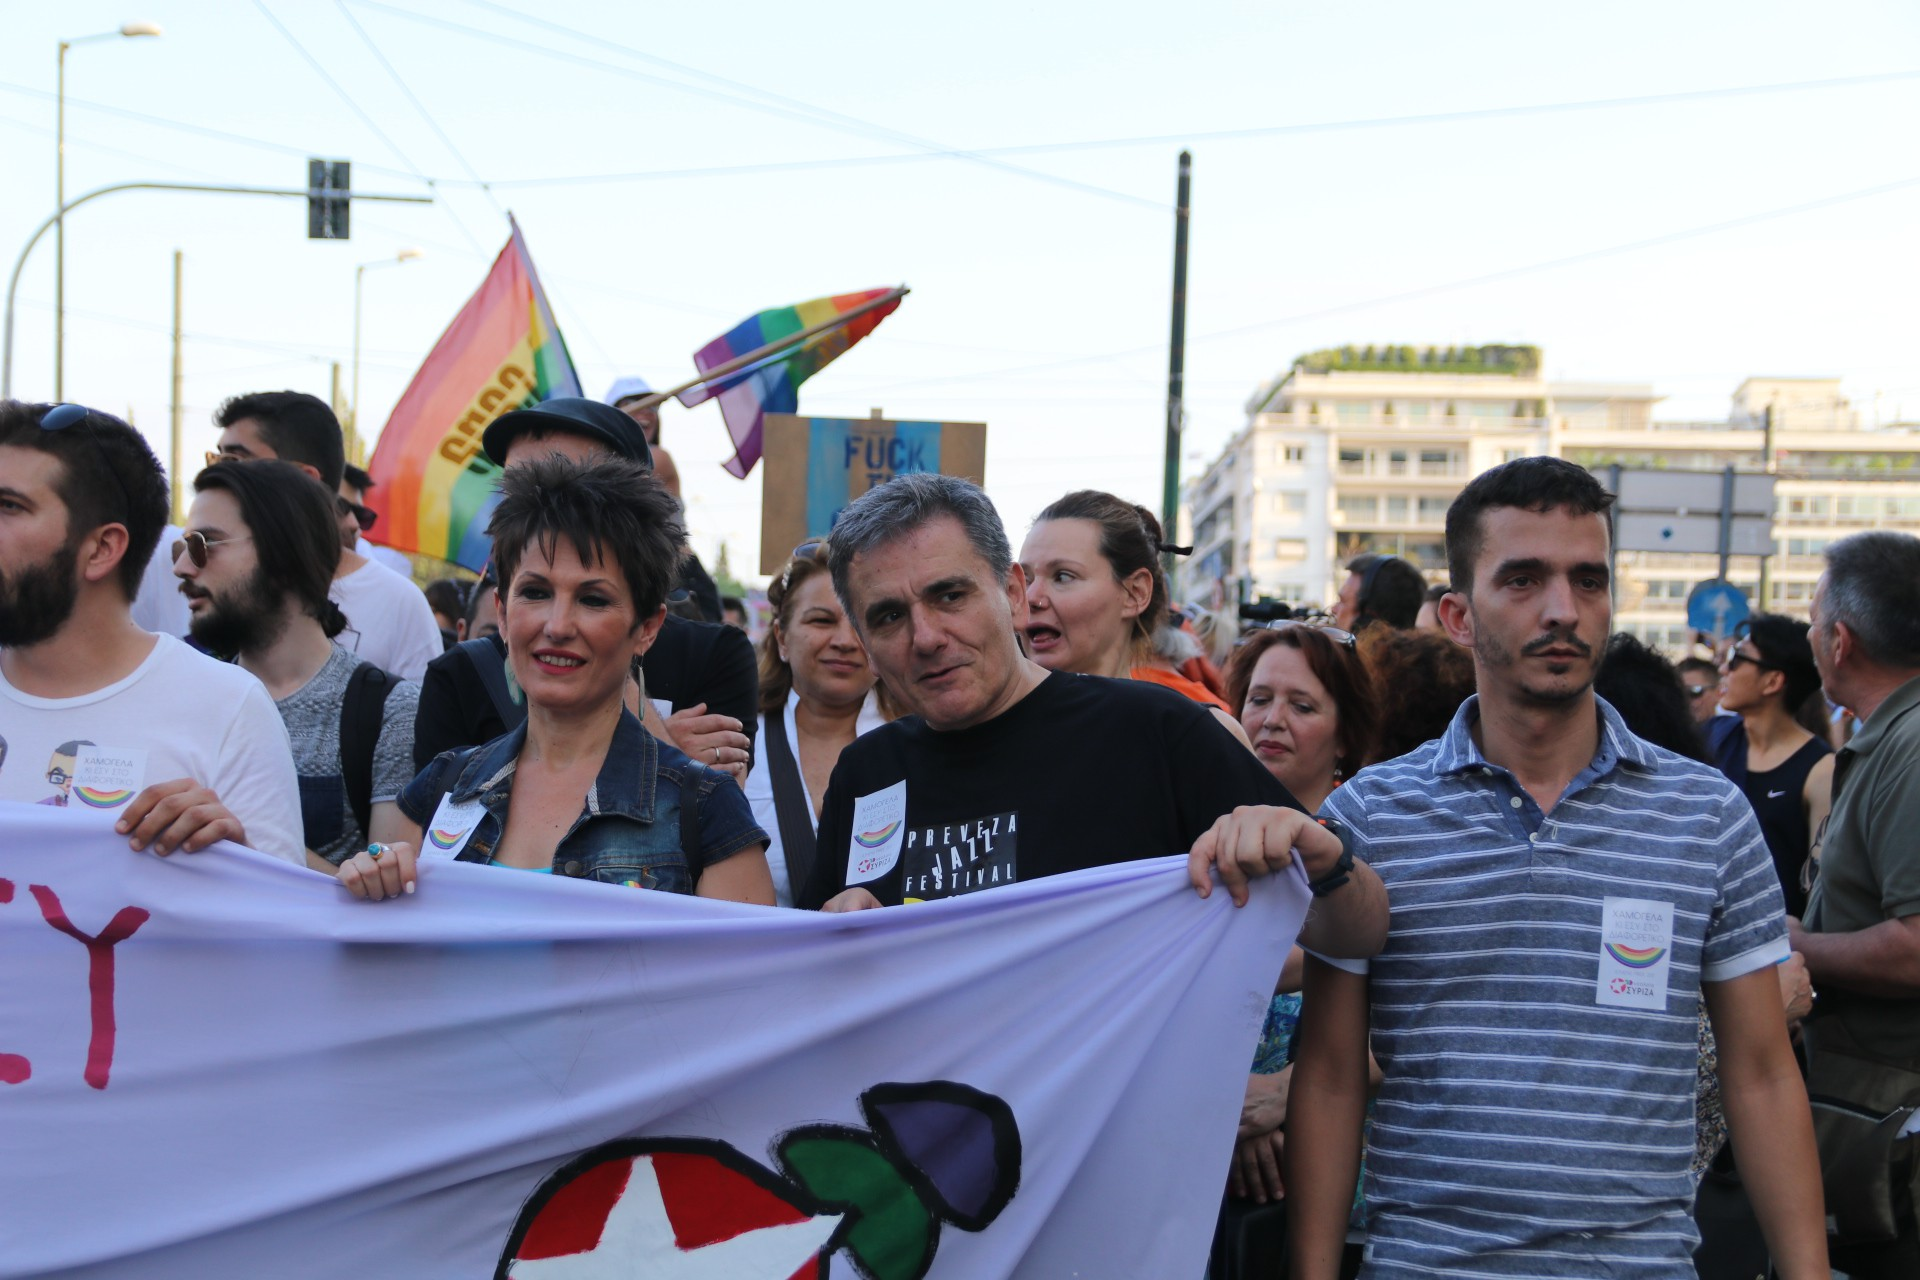 Αποτέλεσμα εικόνας για Τσακαλωτος gay pride